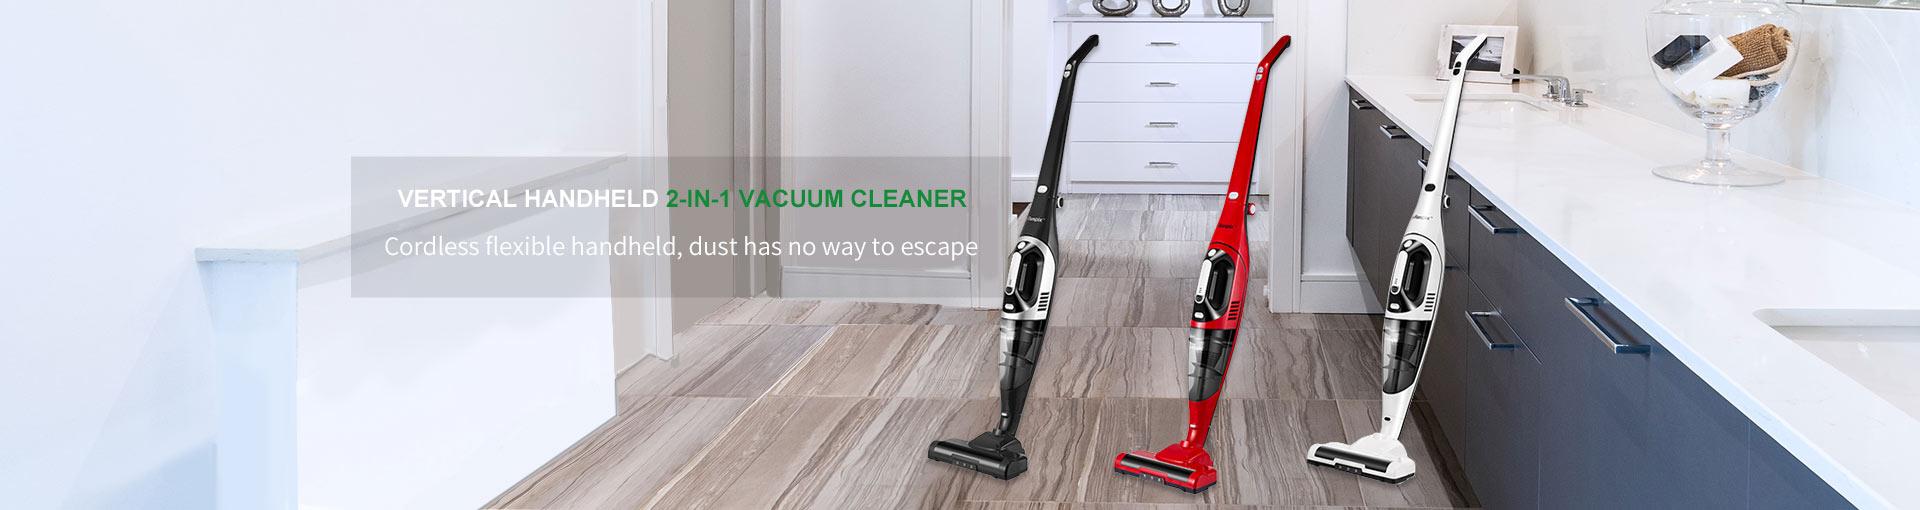 VERTICAL HANDHELD 2-IN-1 VACUUM CLEANER